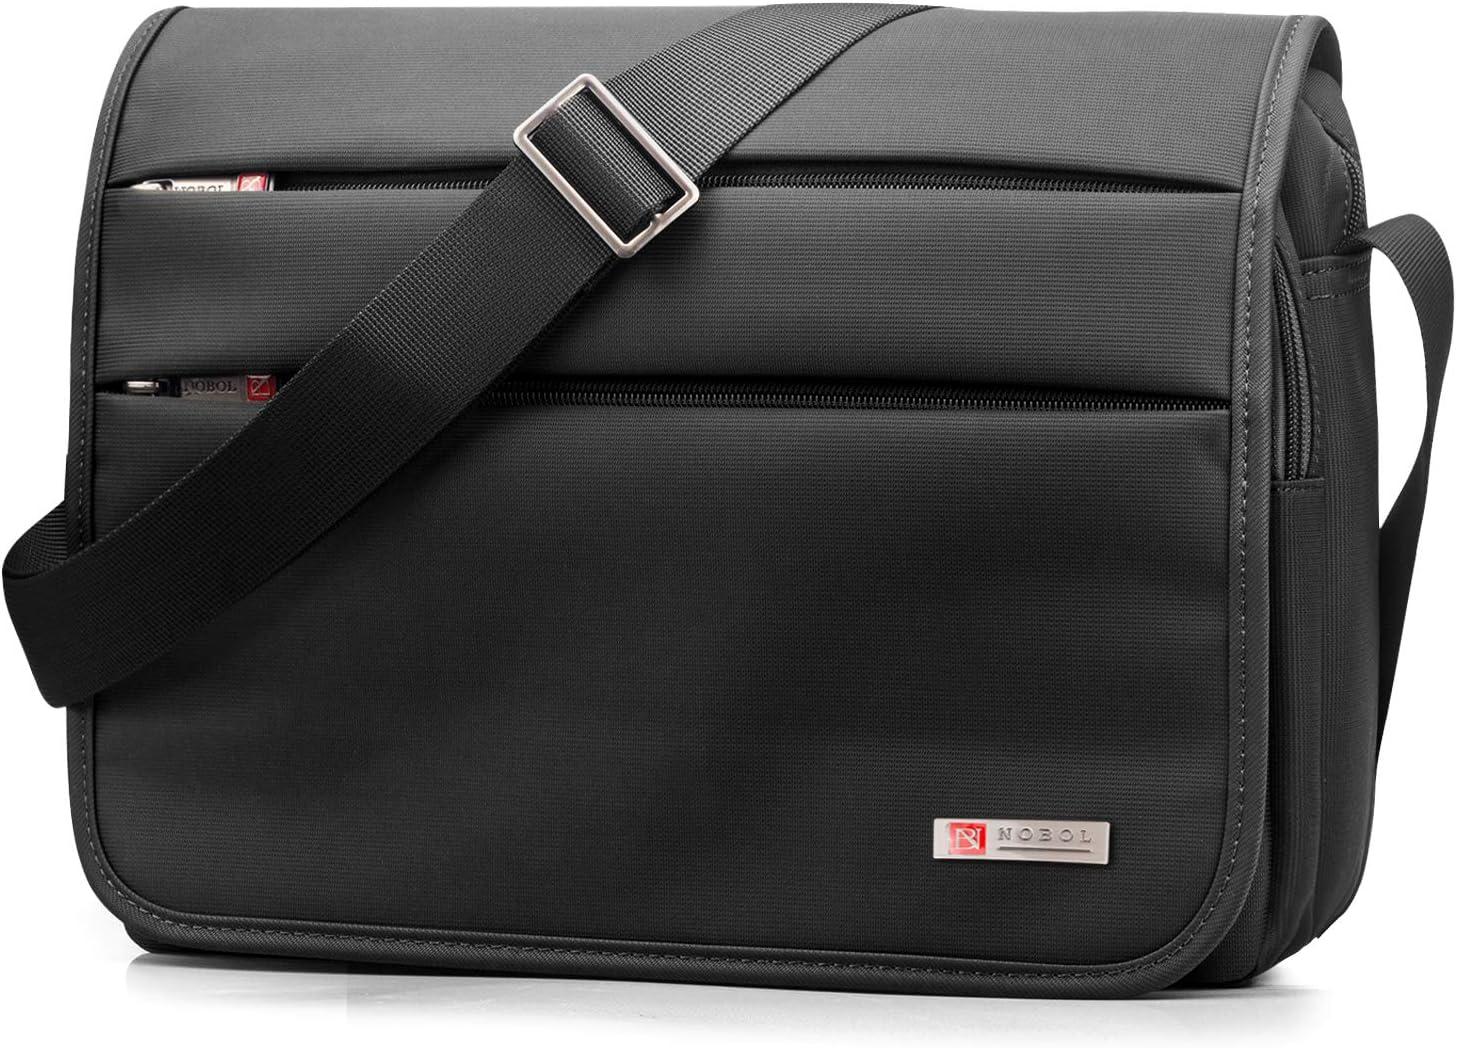 SPAHER Bolso de hombro para hombre maletín Ipad Laptop Work Messenger Bolso de negocios escuela Crossbody bolso de mano Bolso de viaje prueba de agua para portátil MacBook Air 11.6